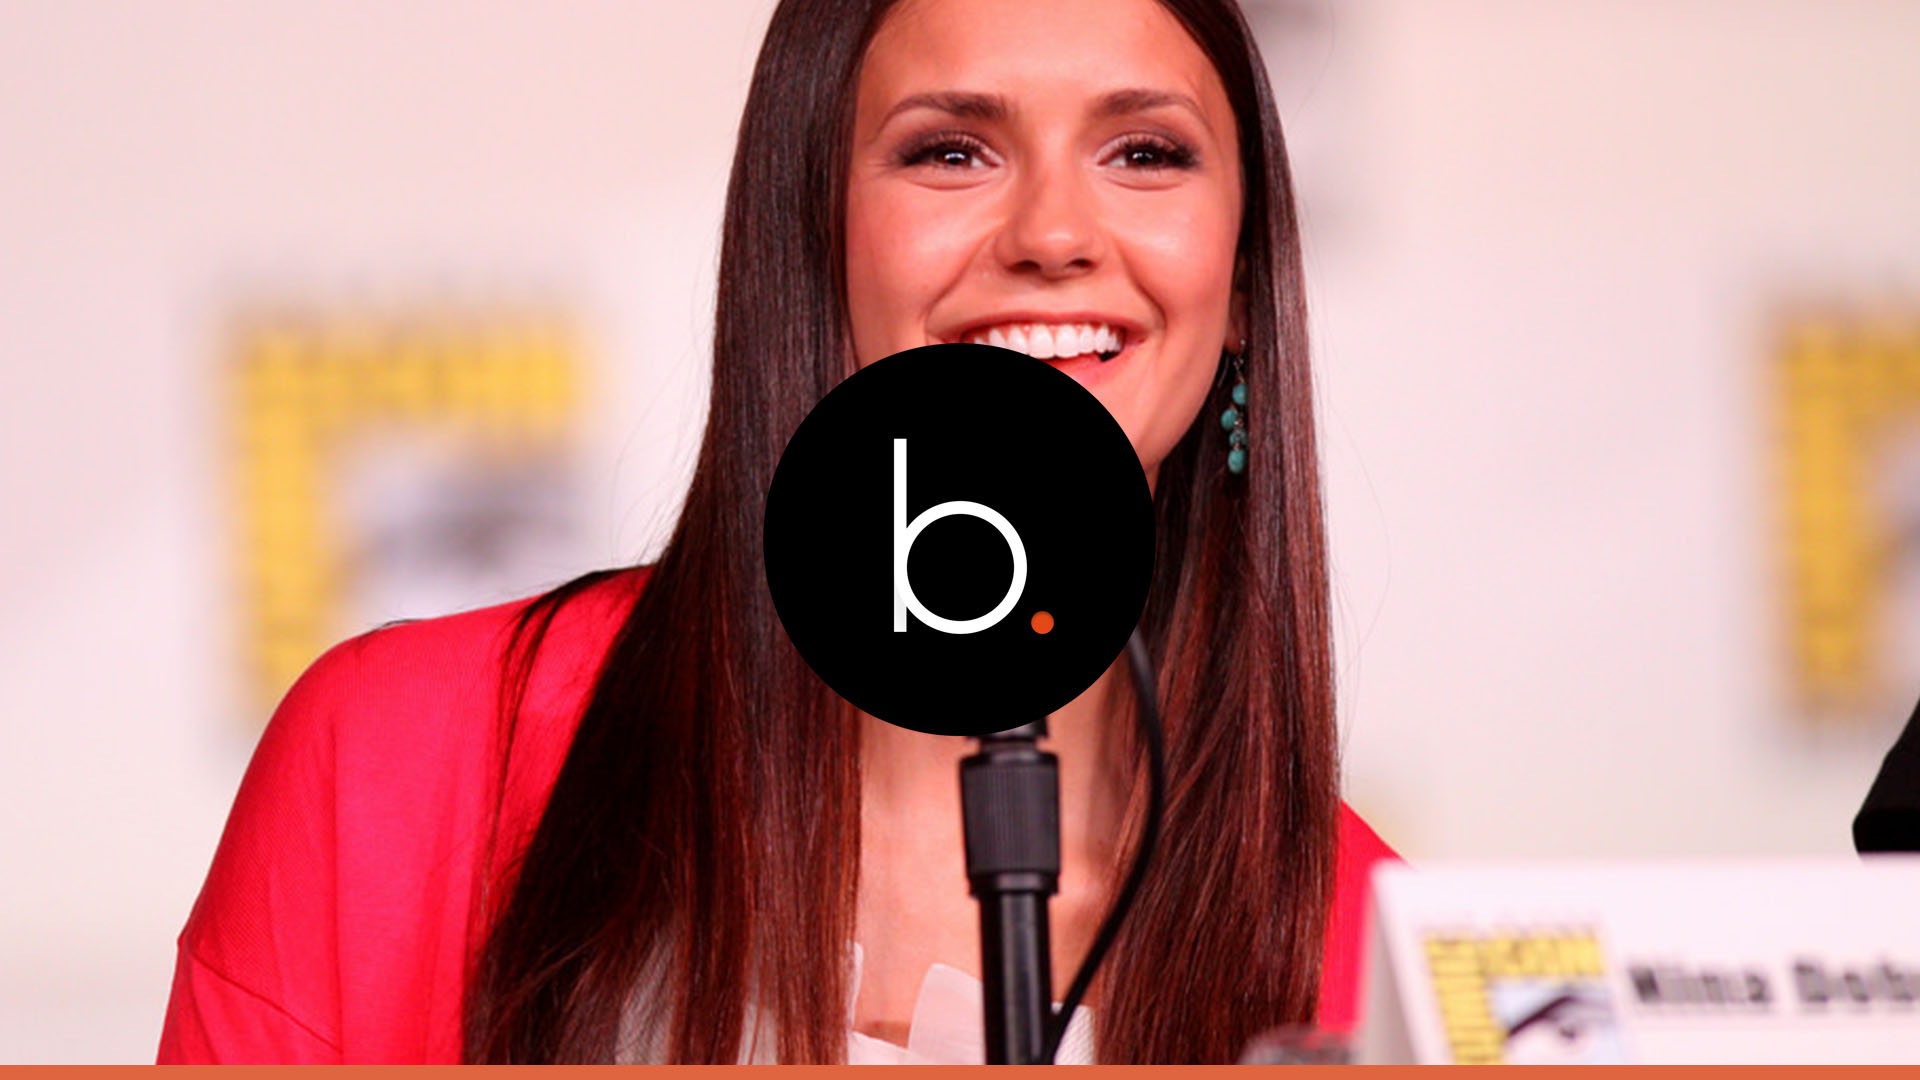 Assista: The Originals: Nina Dobrev nega participação na 5ª temporada